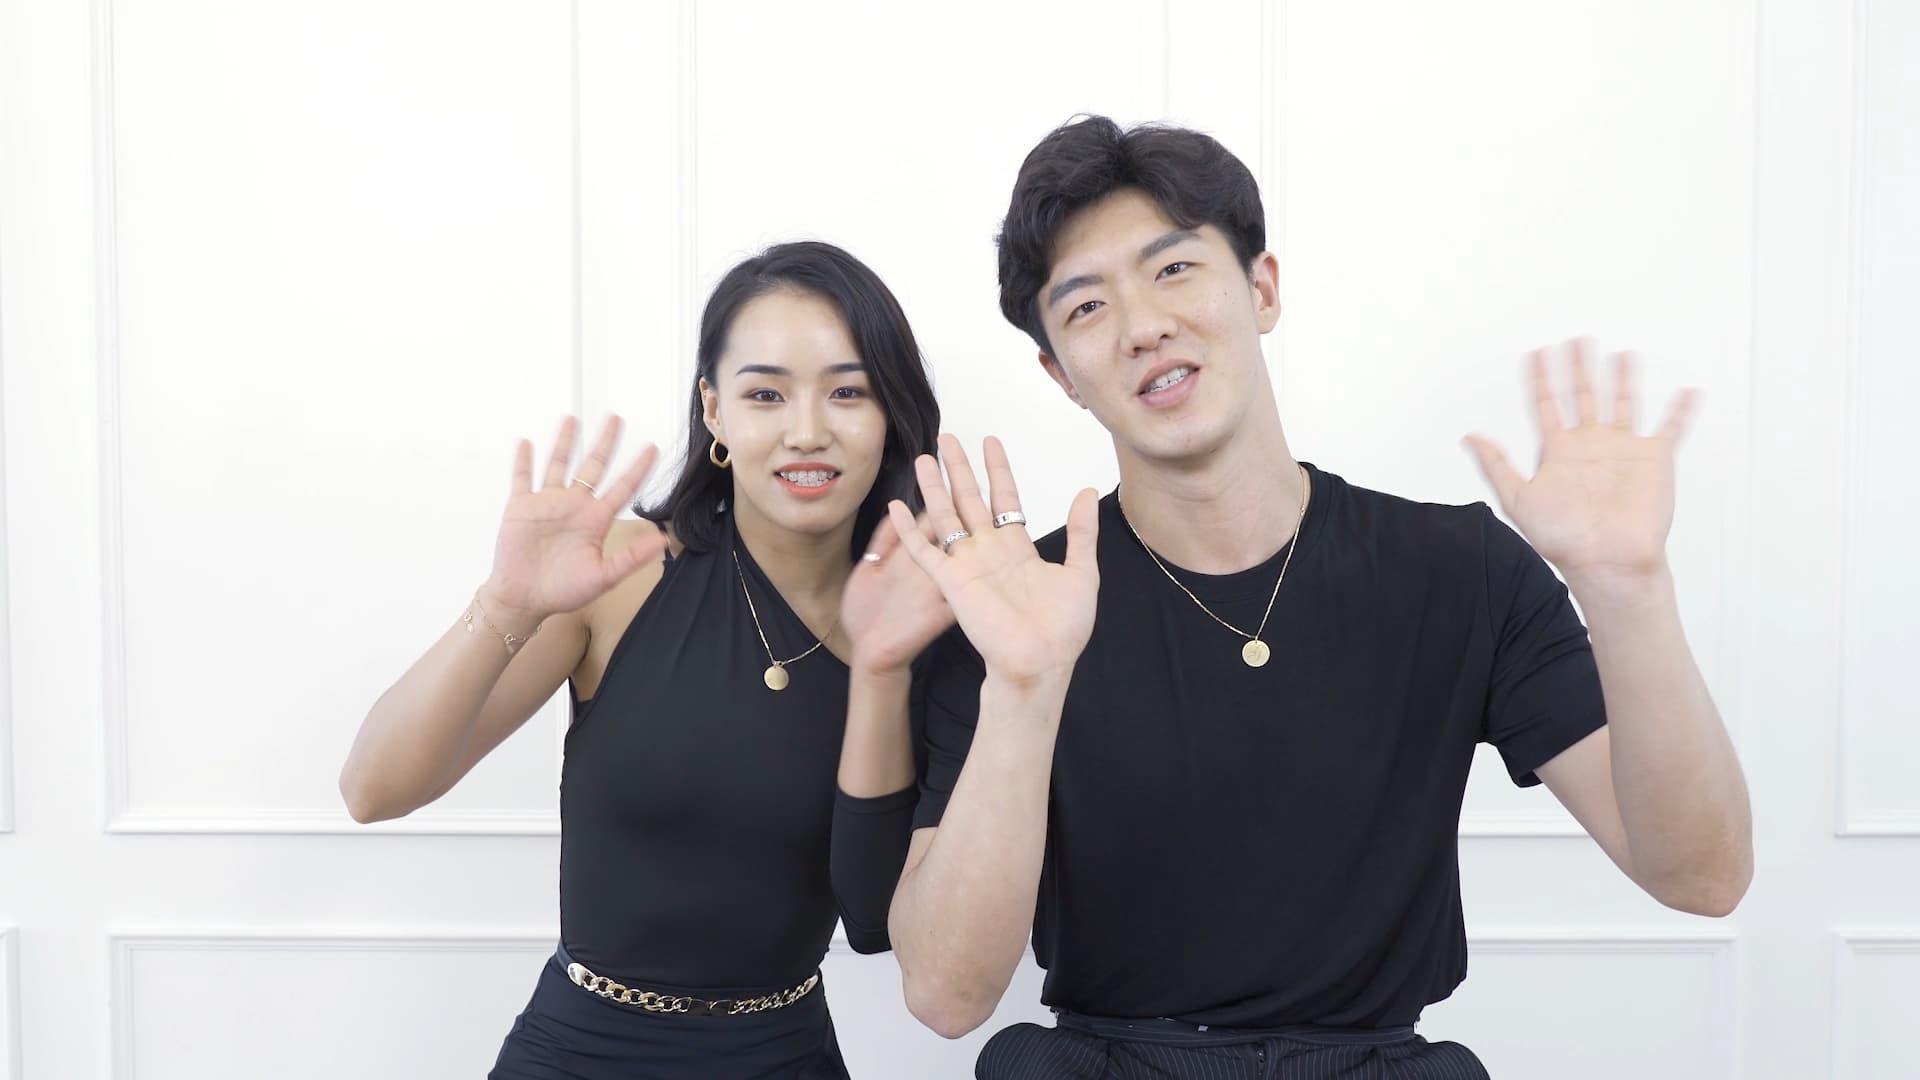 여성체육활동지원 - 국가대표와 함께하는 랜선 댄스스포츠(자이브) [대한체육회]